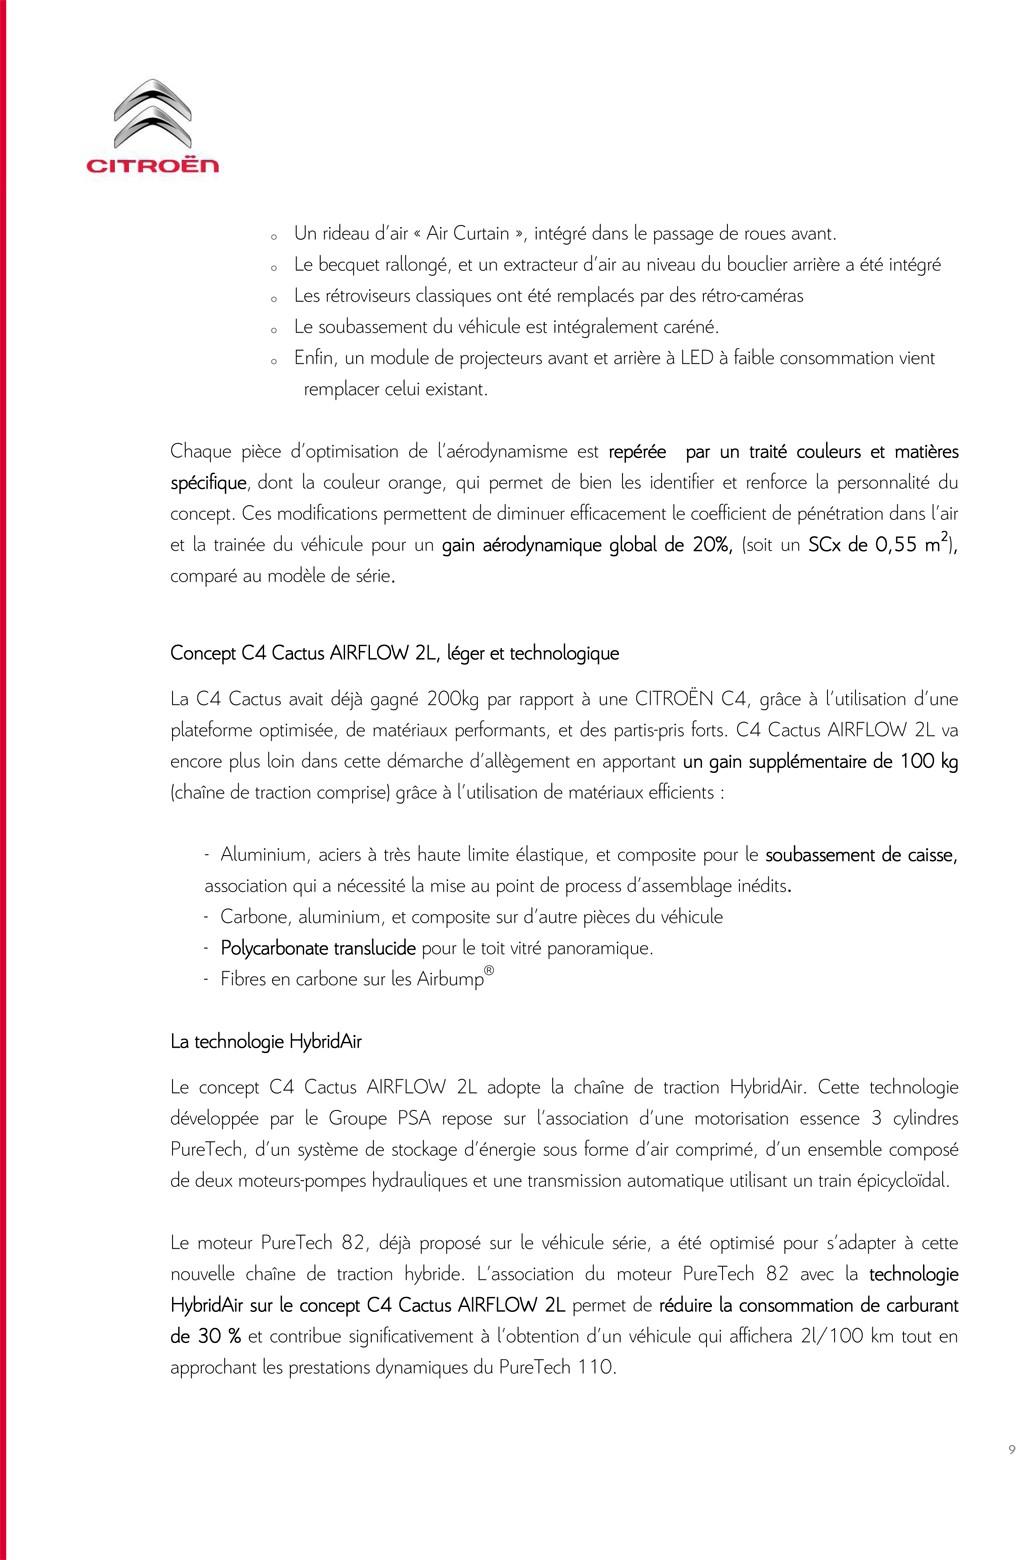 [SALON] Paris - Mondial de l'Automobile 2014 - Page 6 Dp_cit18